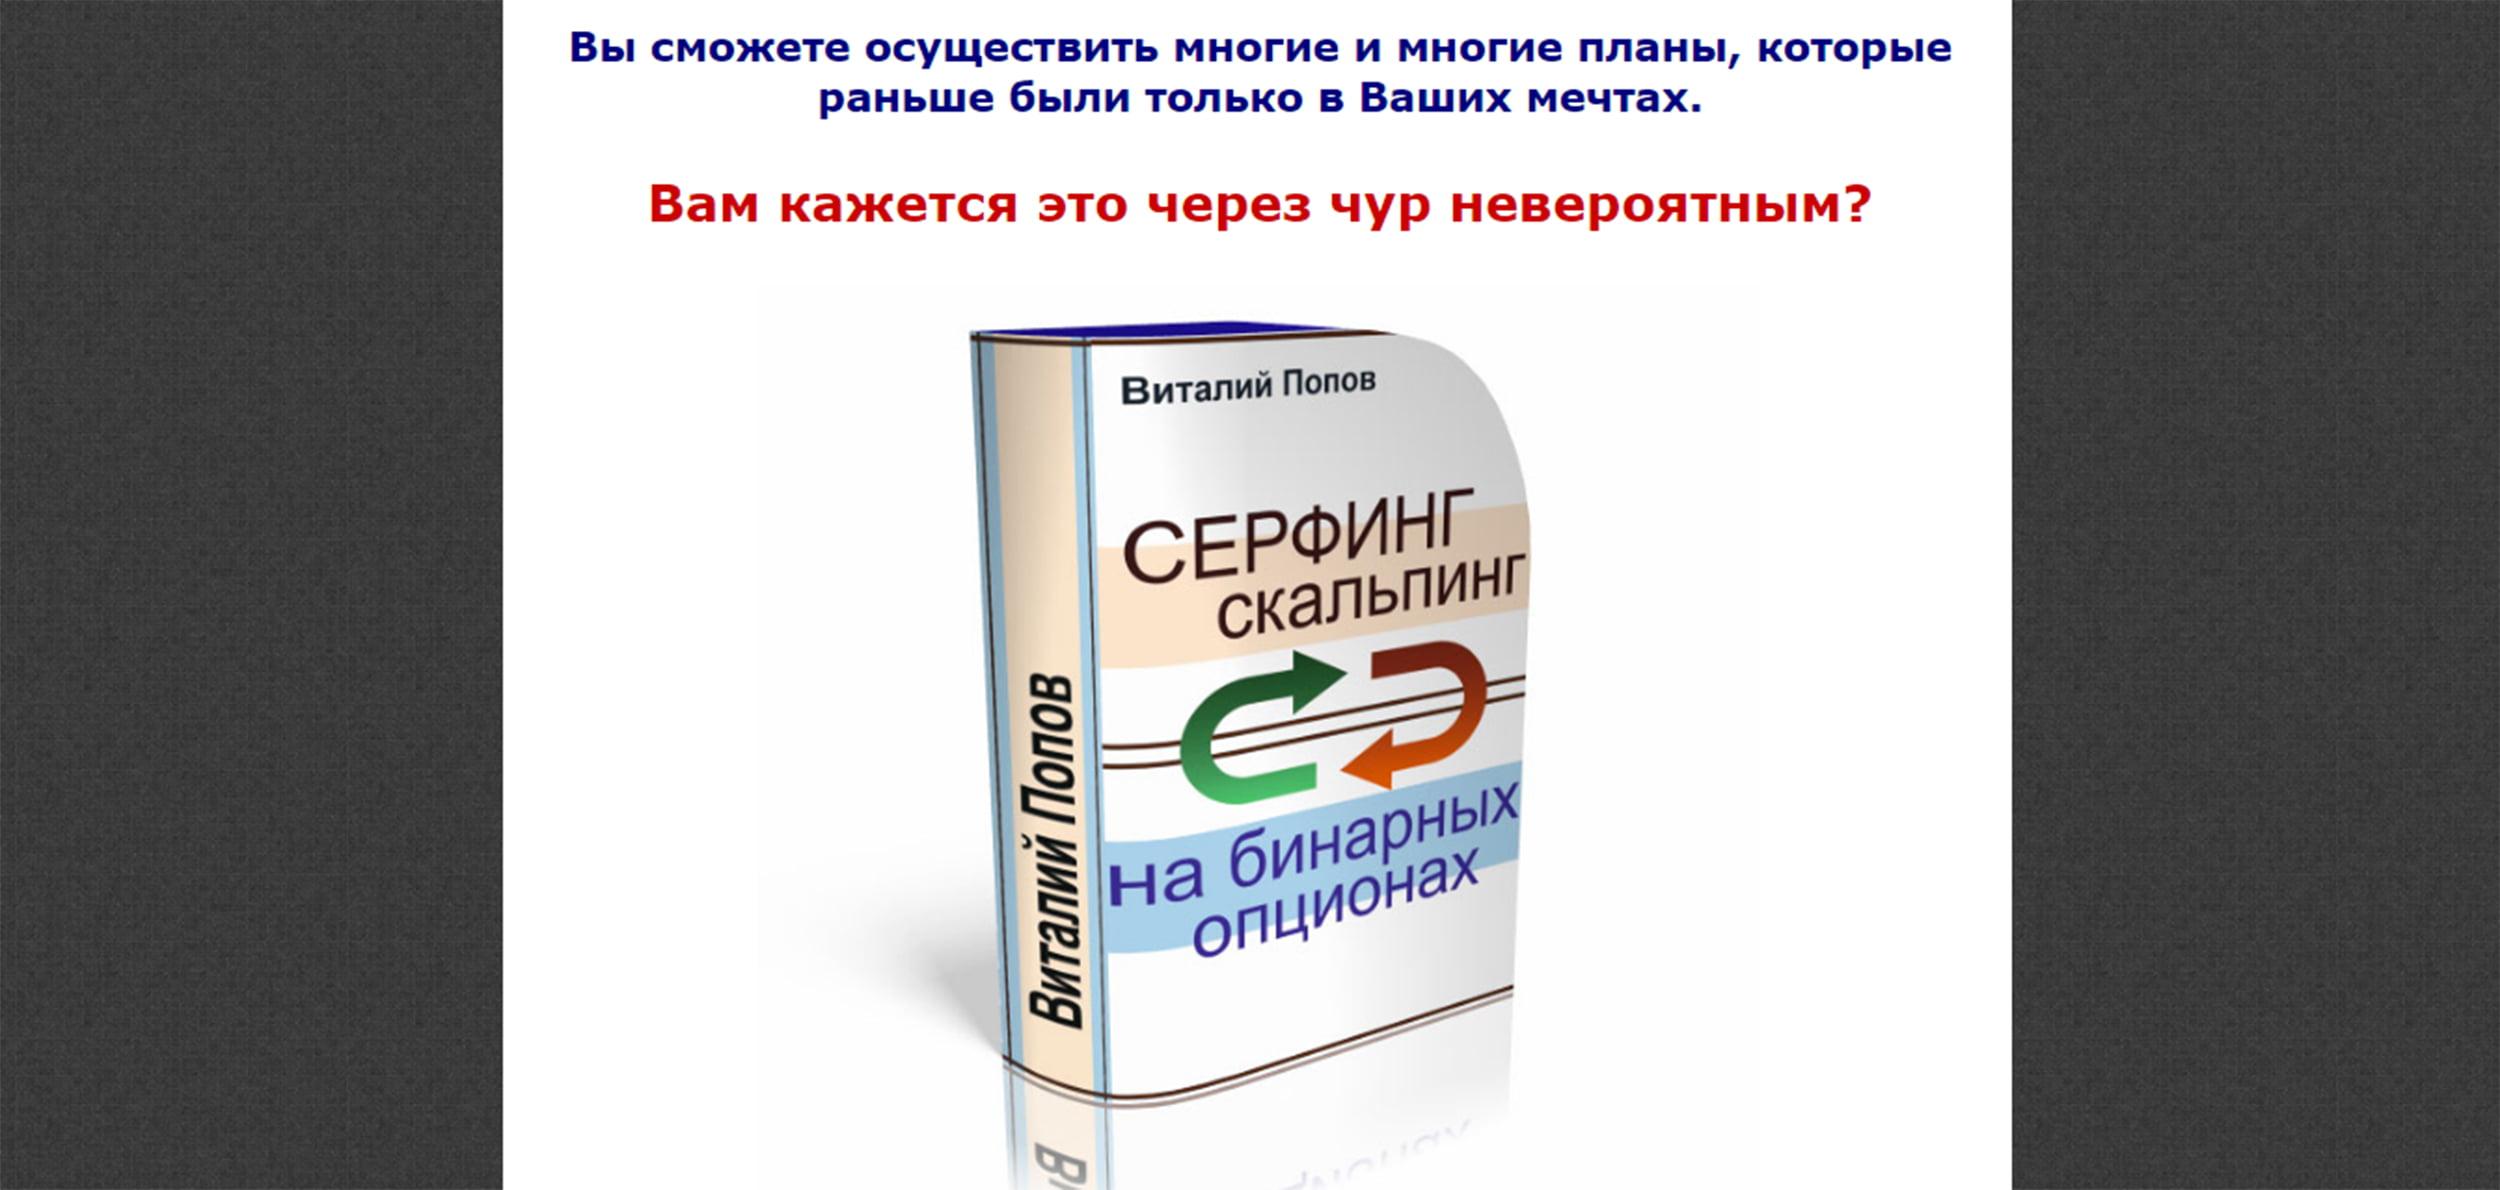 Серфинг скальпинг на бинарных опционах можно скачать только после оплаты 5987 рублей